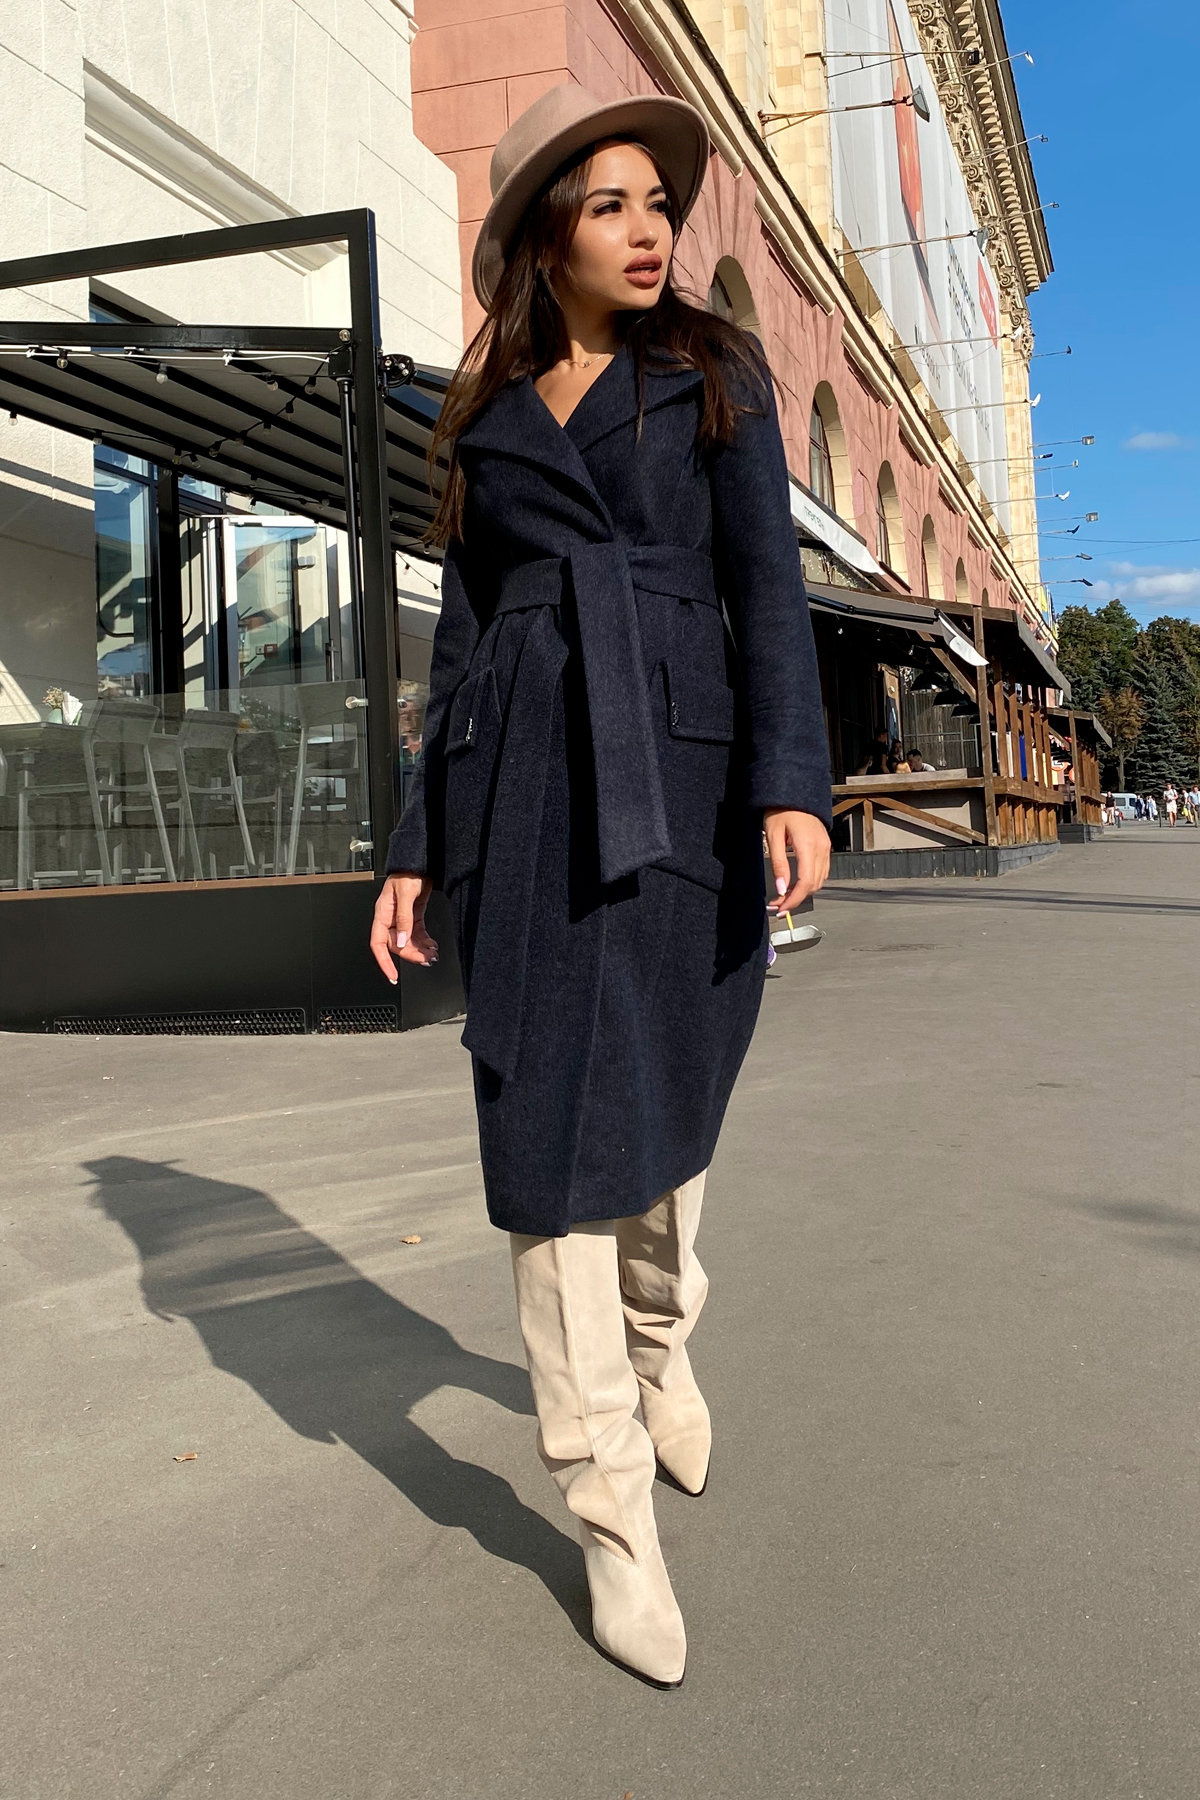 Пальто Стейси 5471 АРТ. 36685 Цвет: Темно-синий - фото 4, интернет магазин tm-modus.ru